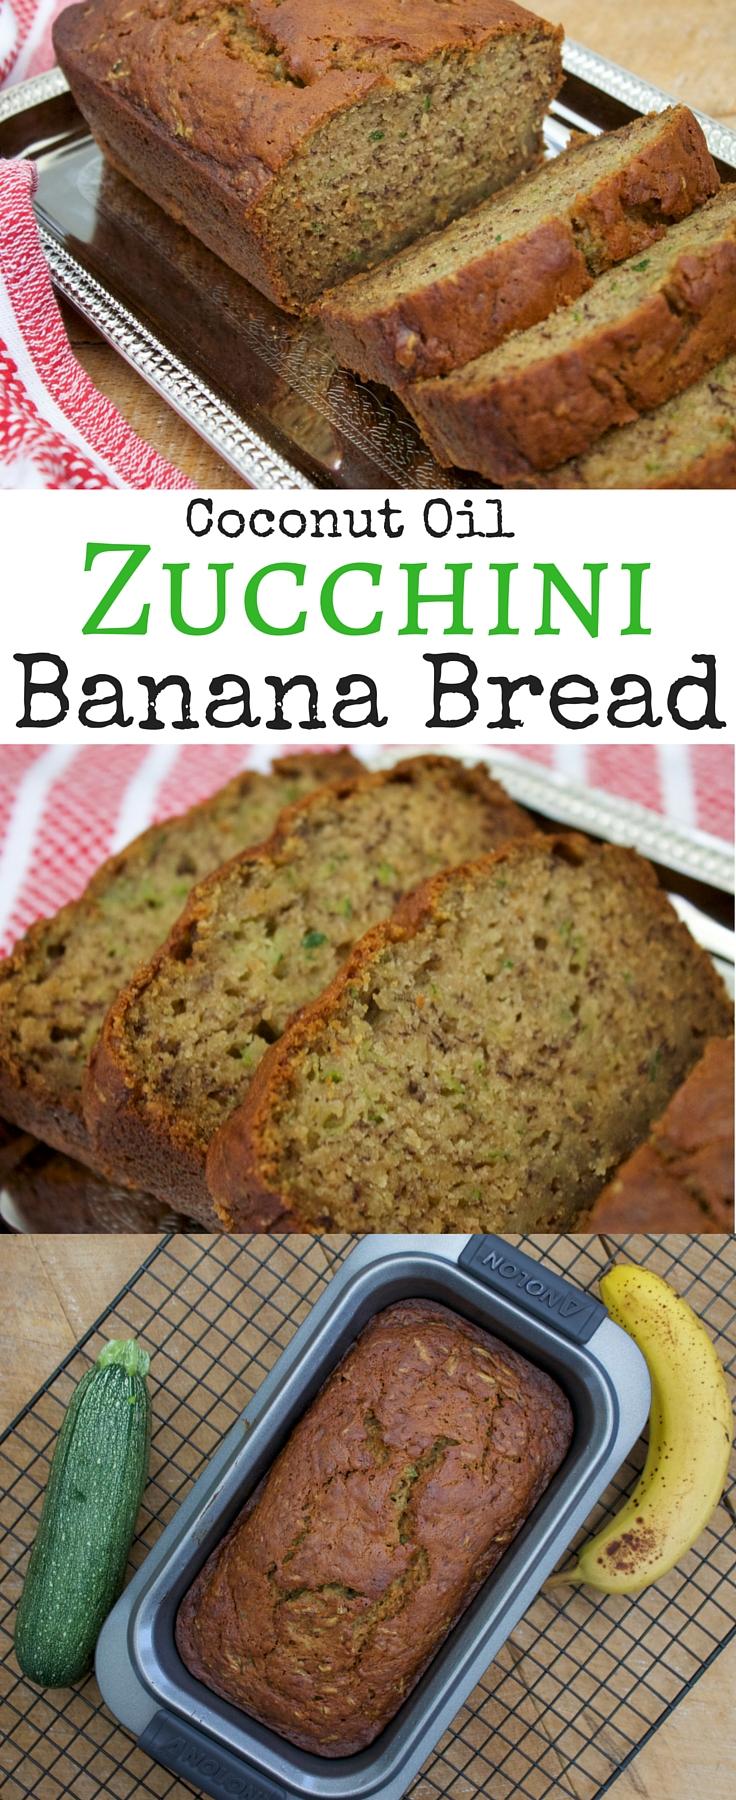 Zucchini Banana Bread Recipe | Zucchini Bread with Coconut Oil